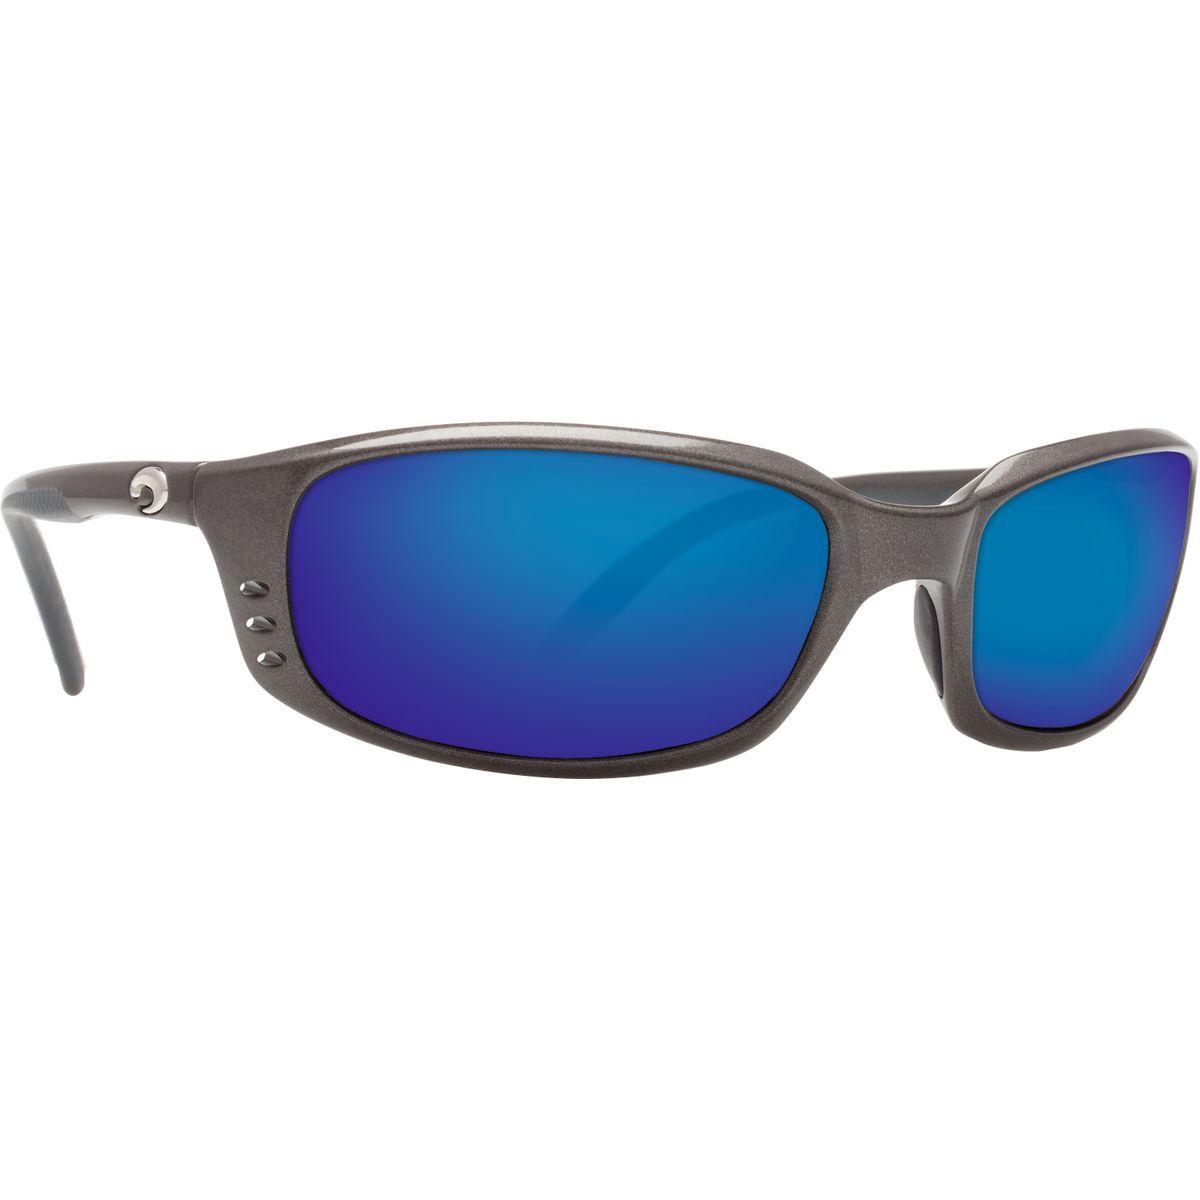 Costa Brine 580P Polarized Sunglasses - Men's